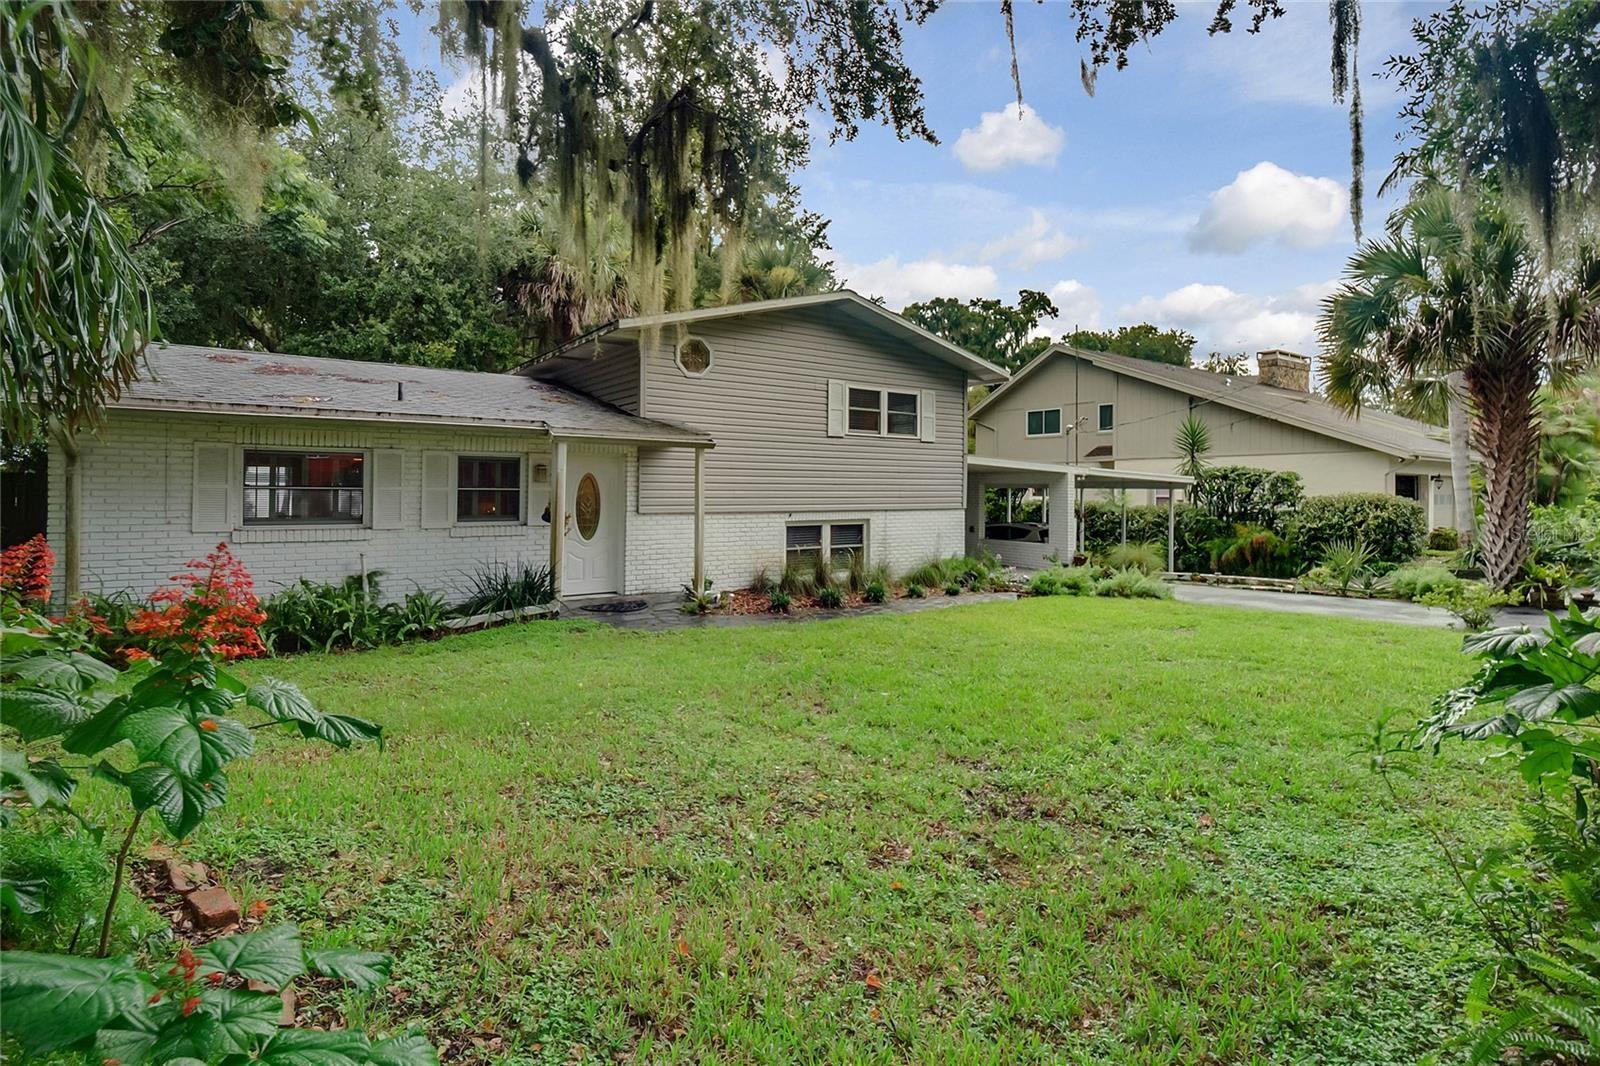 12 EDWARDS SHORES, Haines City, FL 33844 - #: P4916612